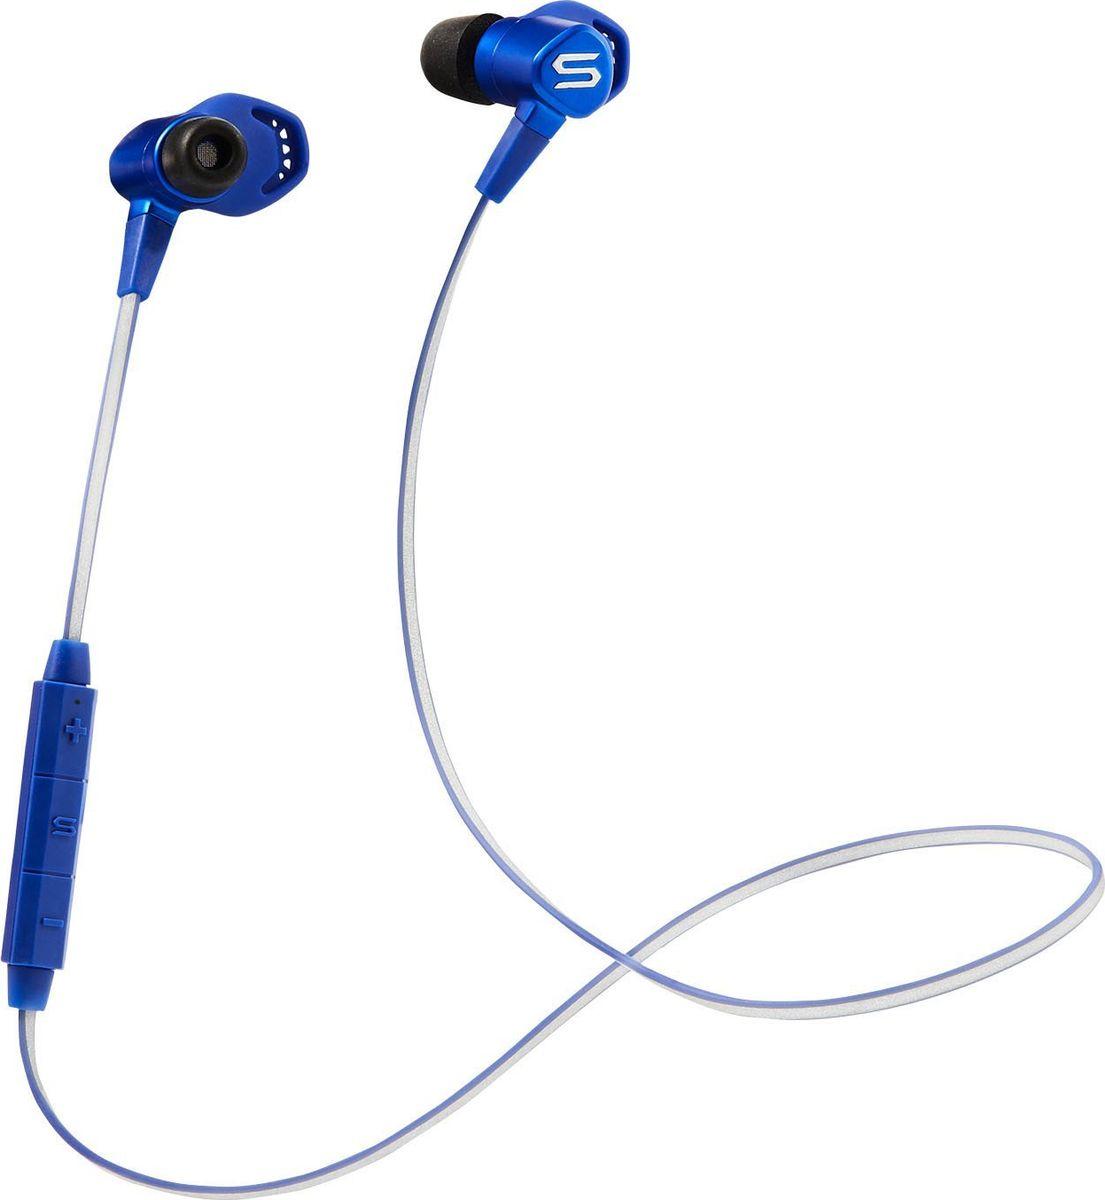 Soul RunFreePro HD, Blue наушники15119788Балансные арматурные спортивные наушникиBluetooth 4.0 с aptX для наилучшего возможного звуковоспроизведения и снижения помех от ветра для высокого качества звонковБалансные арматурные драйверы от Knowles для превосходного качества звукаСменные насадки для непревзойденного комфорта и надежной посадкиЗащита от непогоды благодаря нано-покрытию также обеспечивает защиту от пота и влаги, IPX5 влагозащитаДо 12ч беспроводного воспроизведения и звонковСветоотражающий кабель